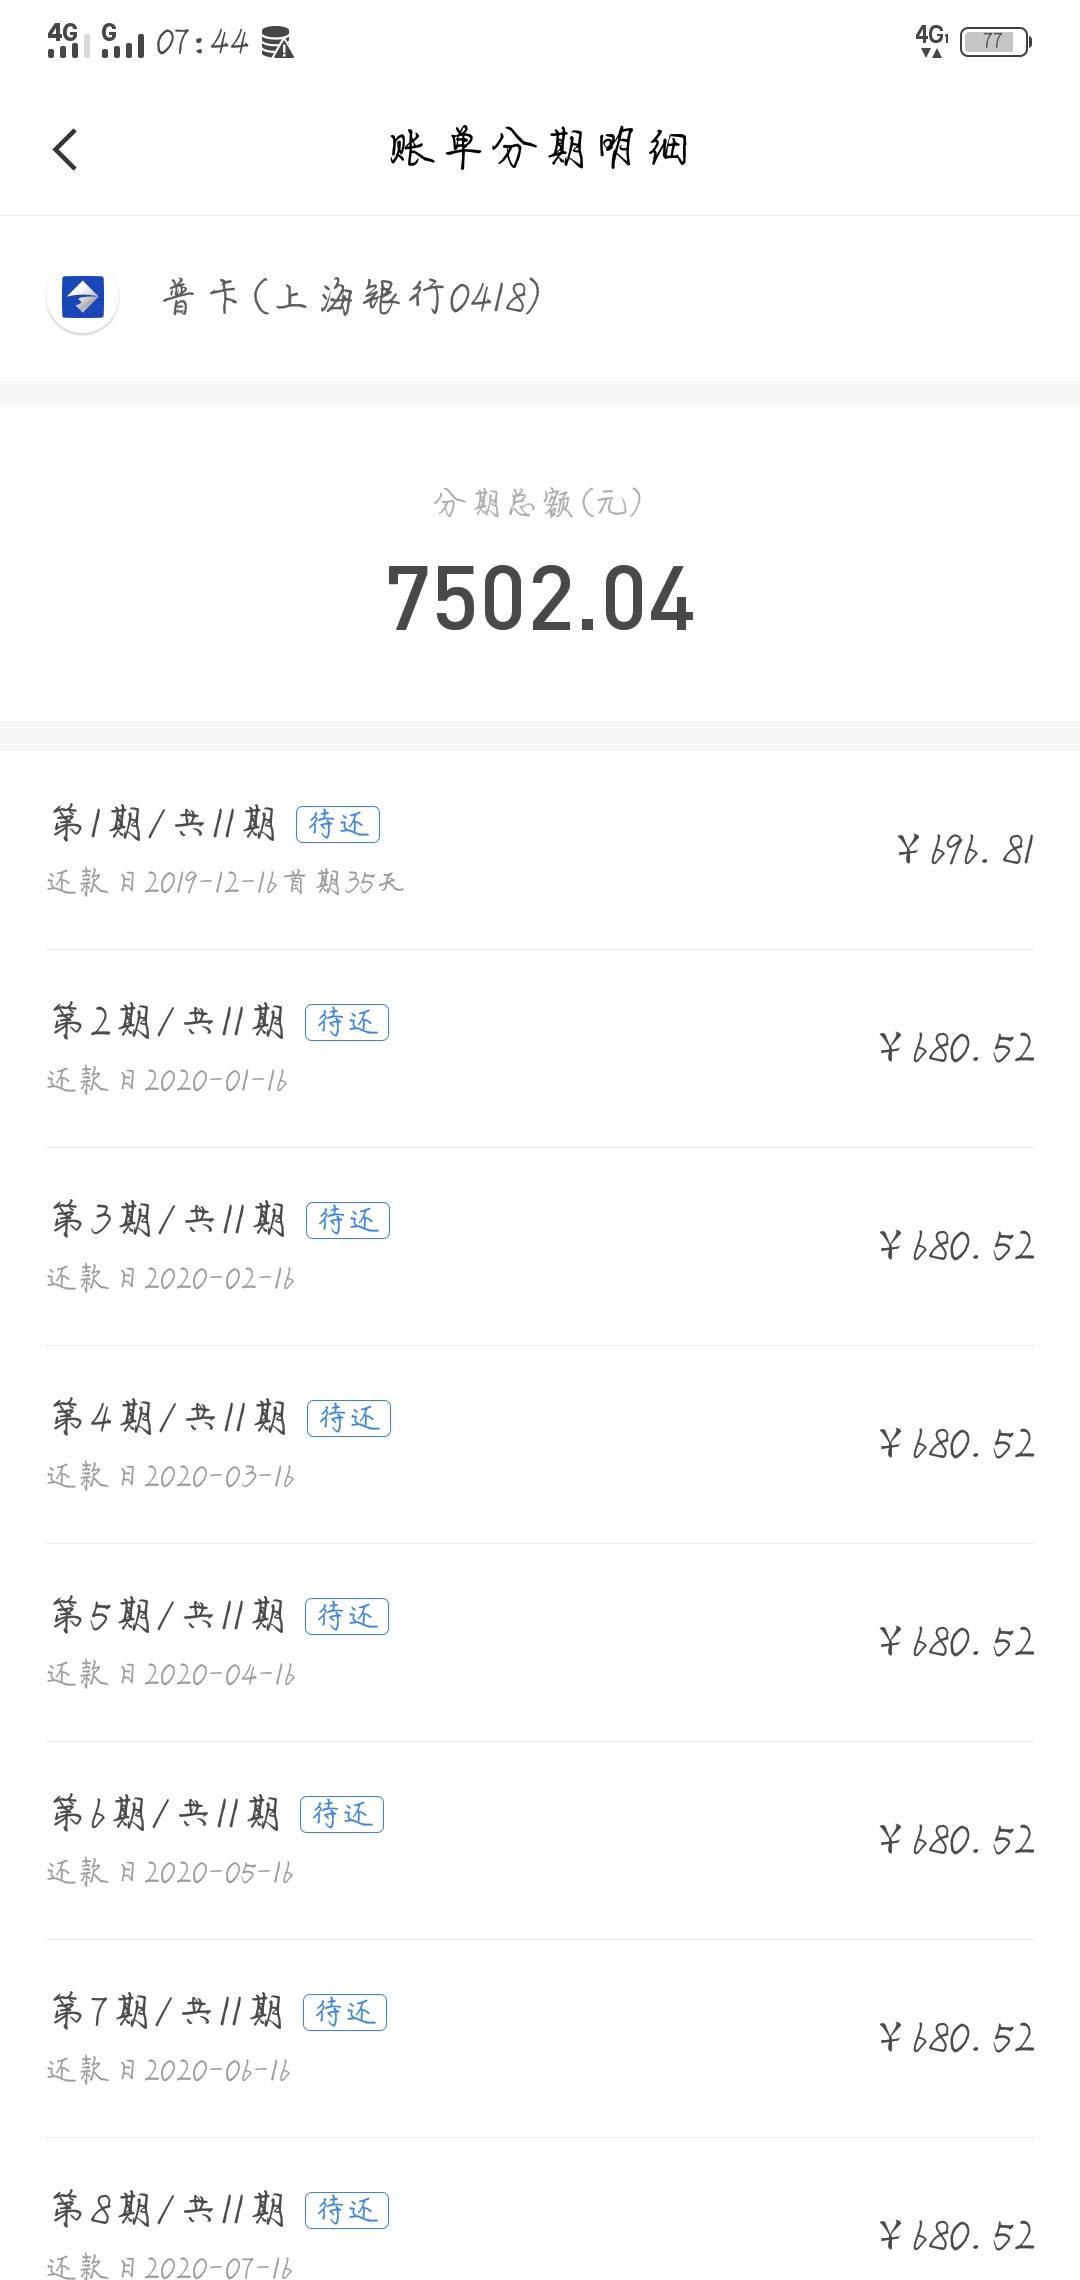 原小赢钱包上海银行虚拟信用卡,最高额度50000元...71 / 作者:卡农小蛋 /